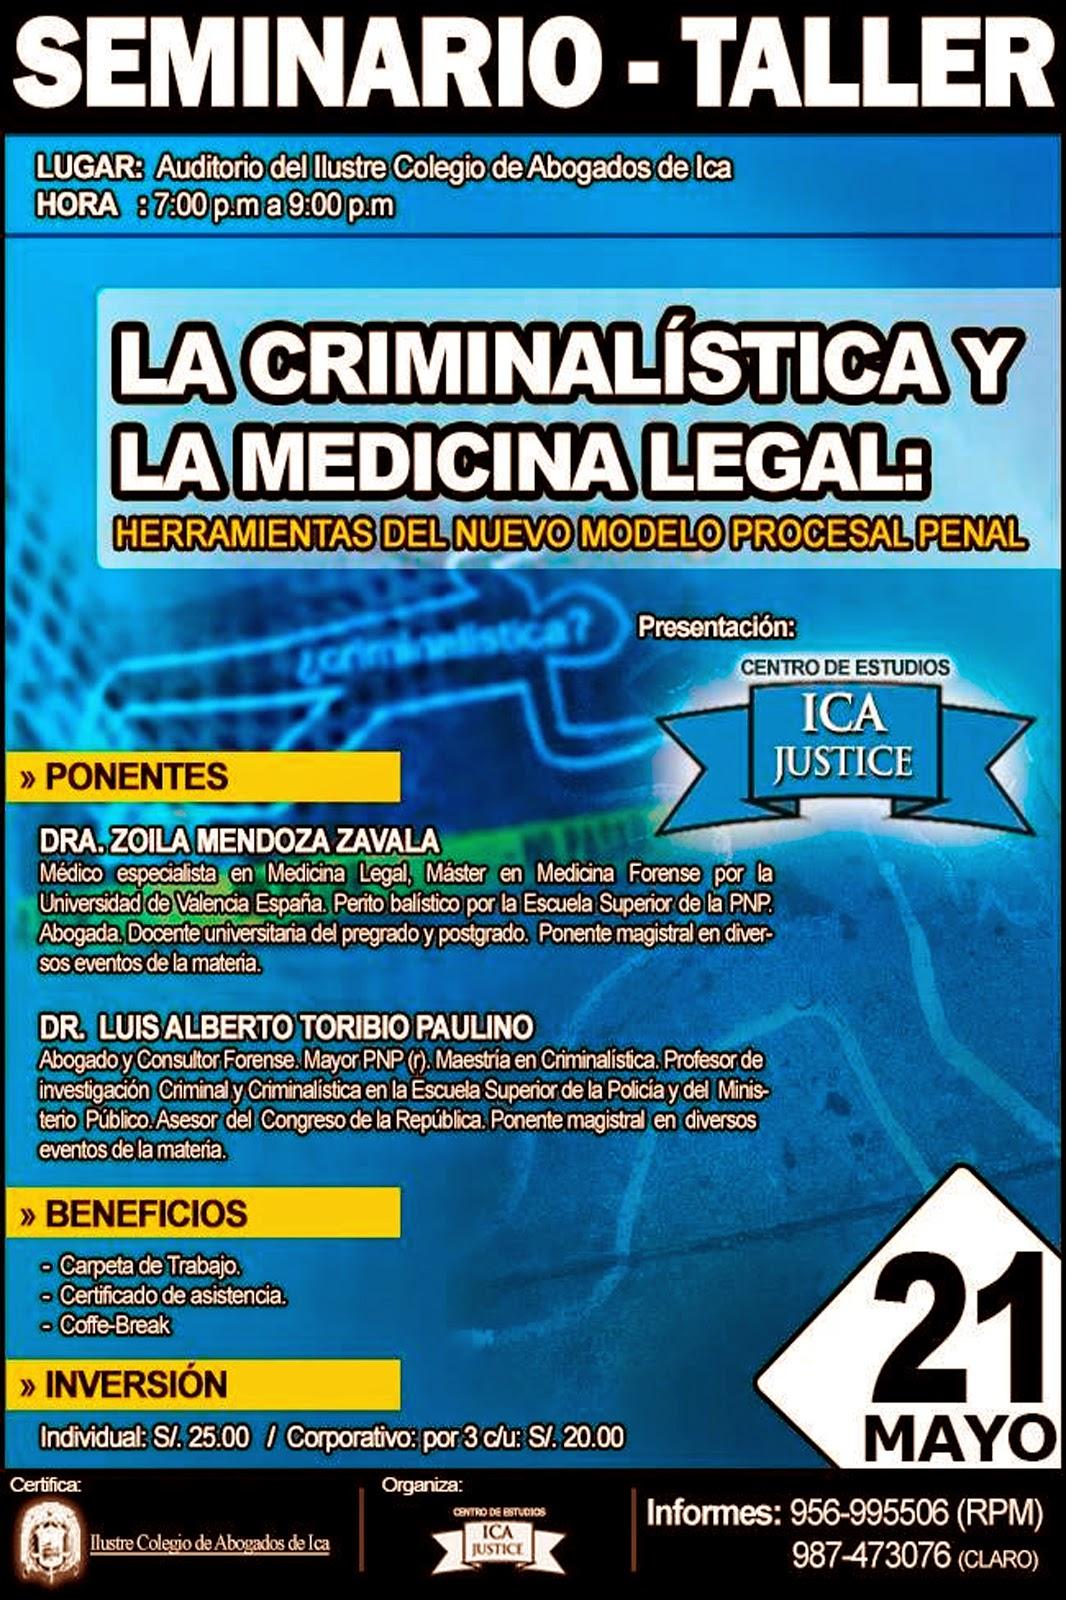 Seminario LA CRIMINALÍSTICA Y LA MEDICINA LEGAL: Herramientas del Nuevo Modelo Procesal Penal